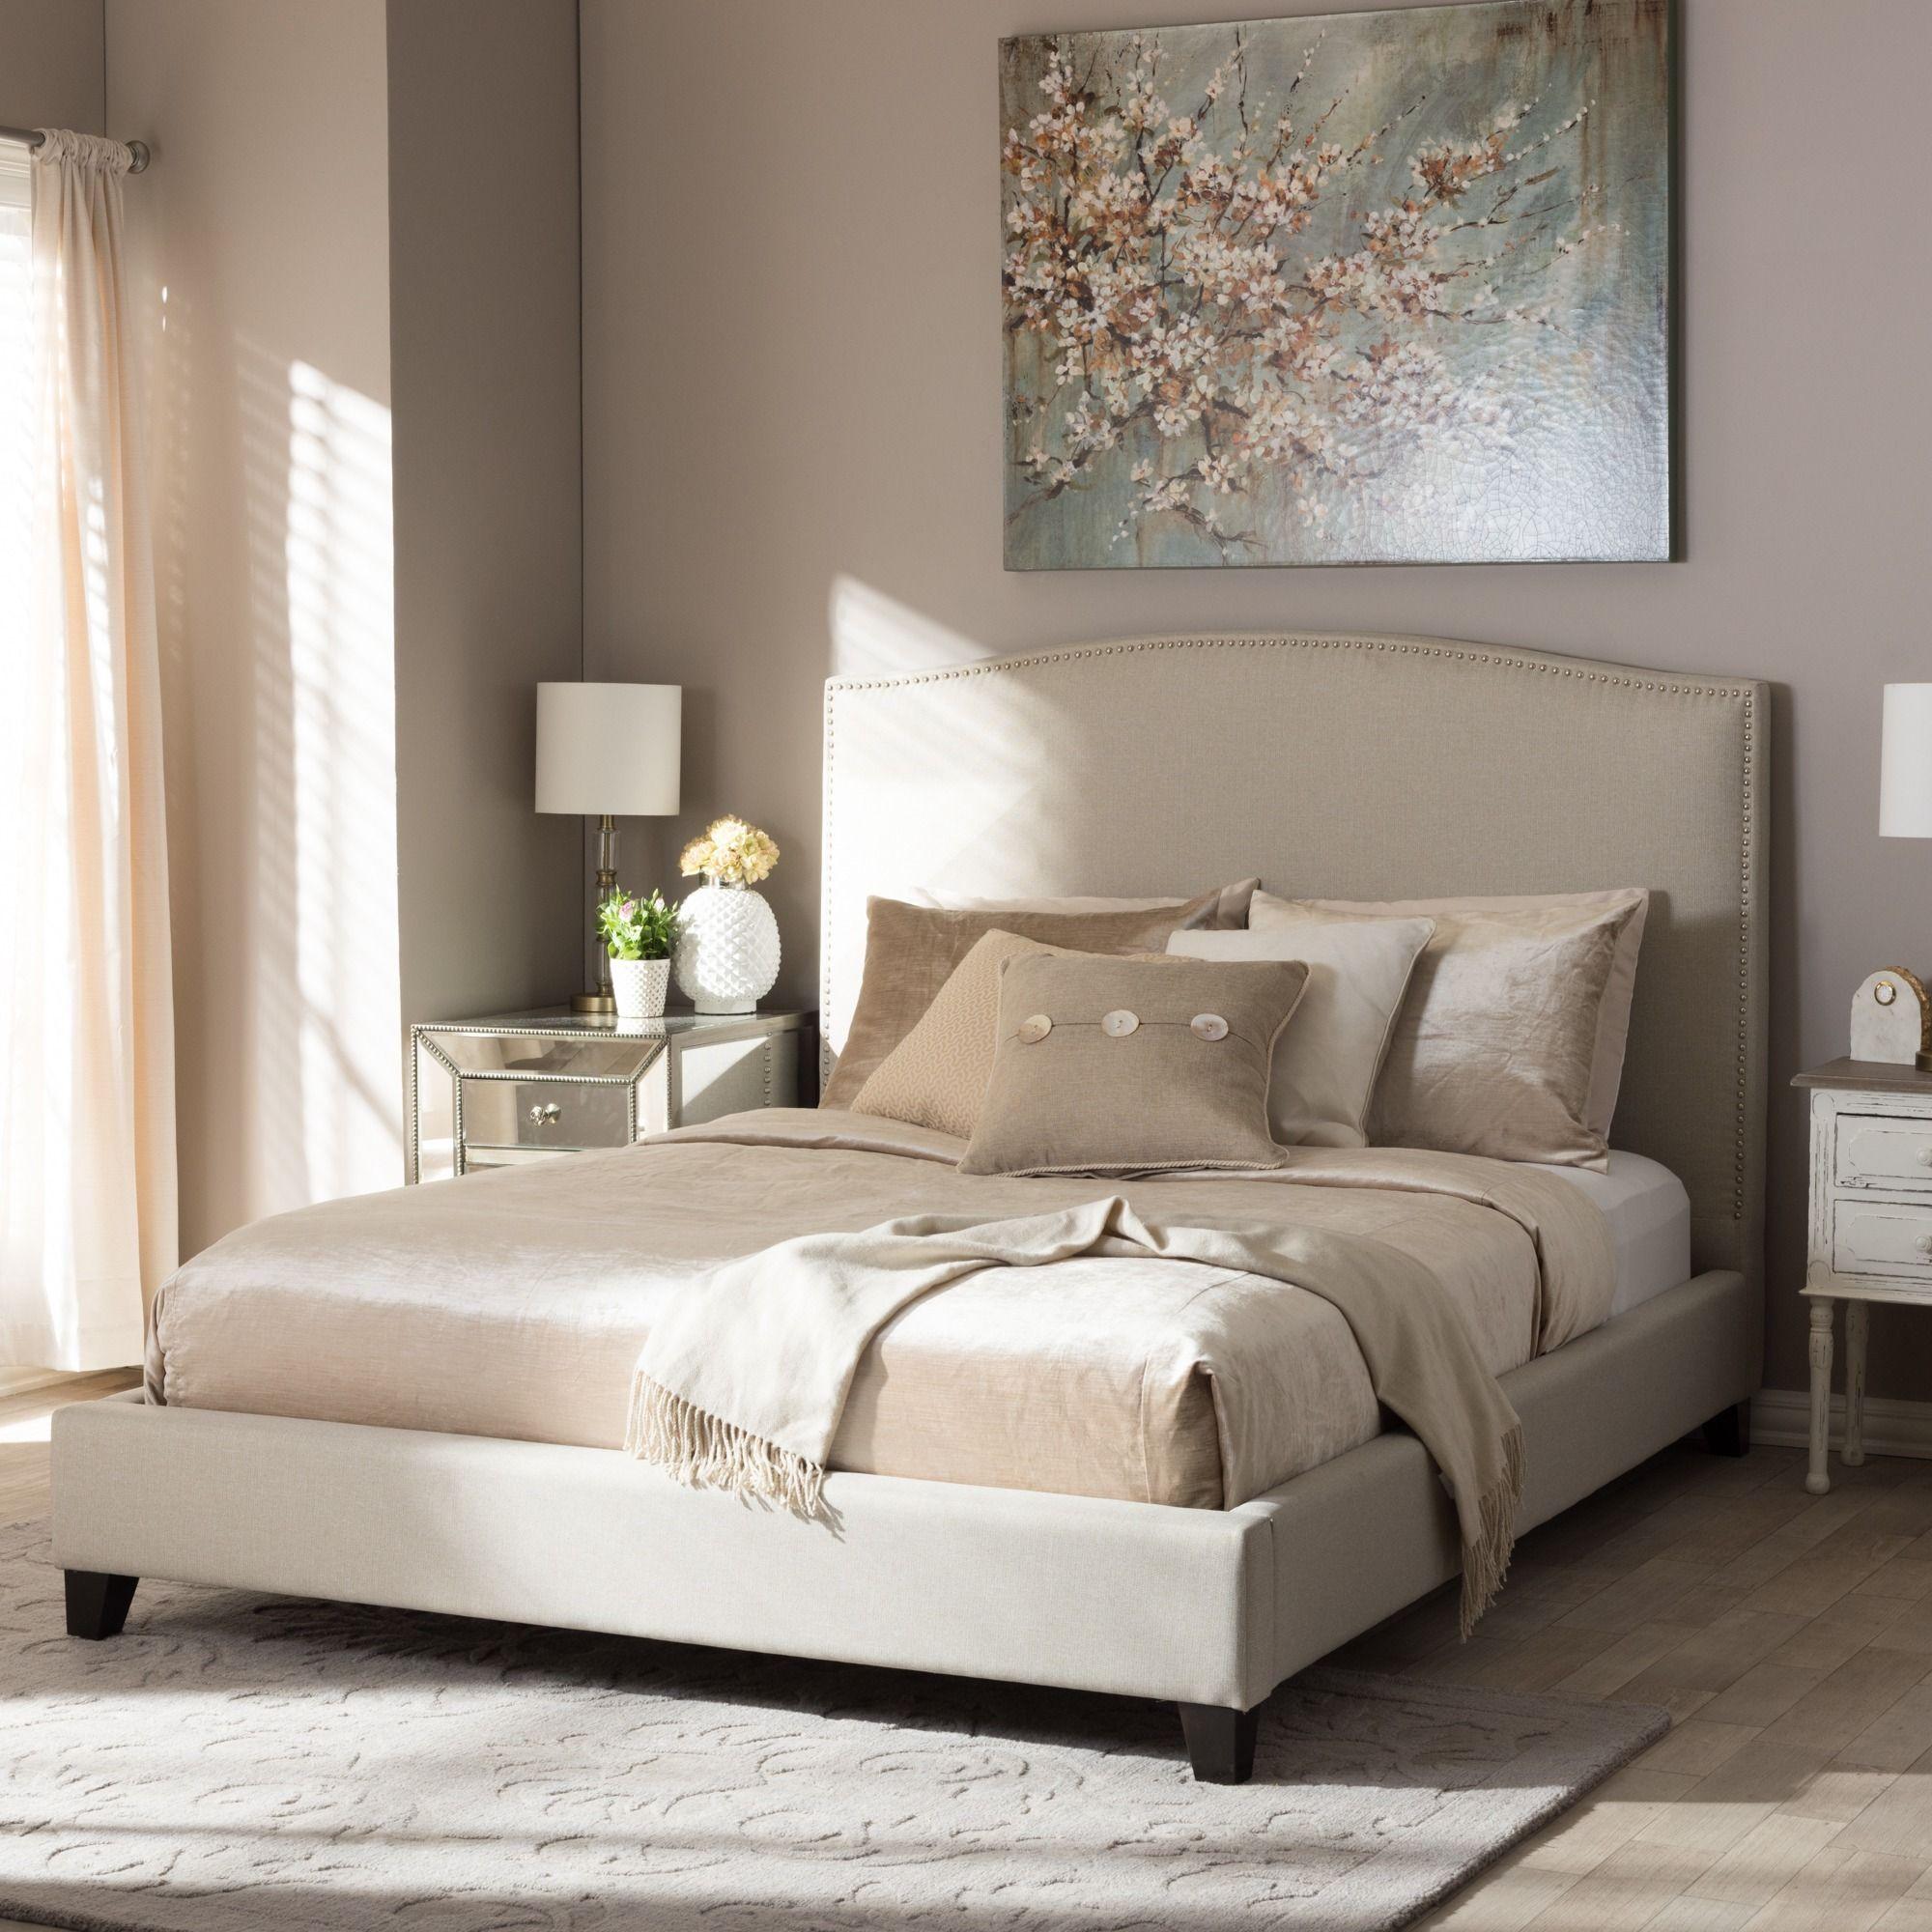 Baxton studio aisling light beige modern platform bed modern